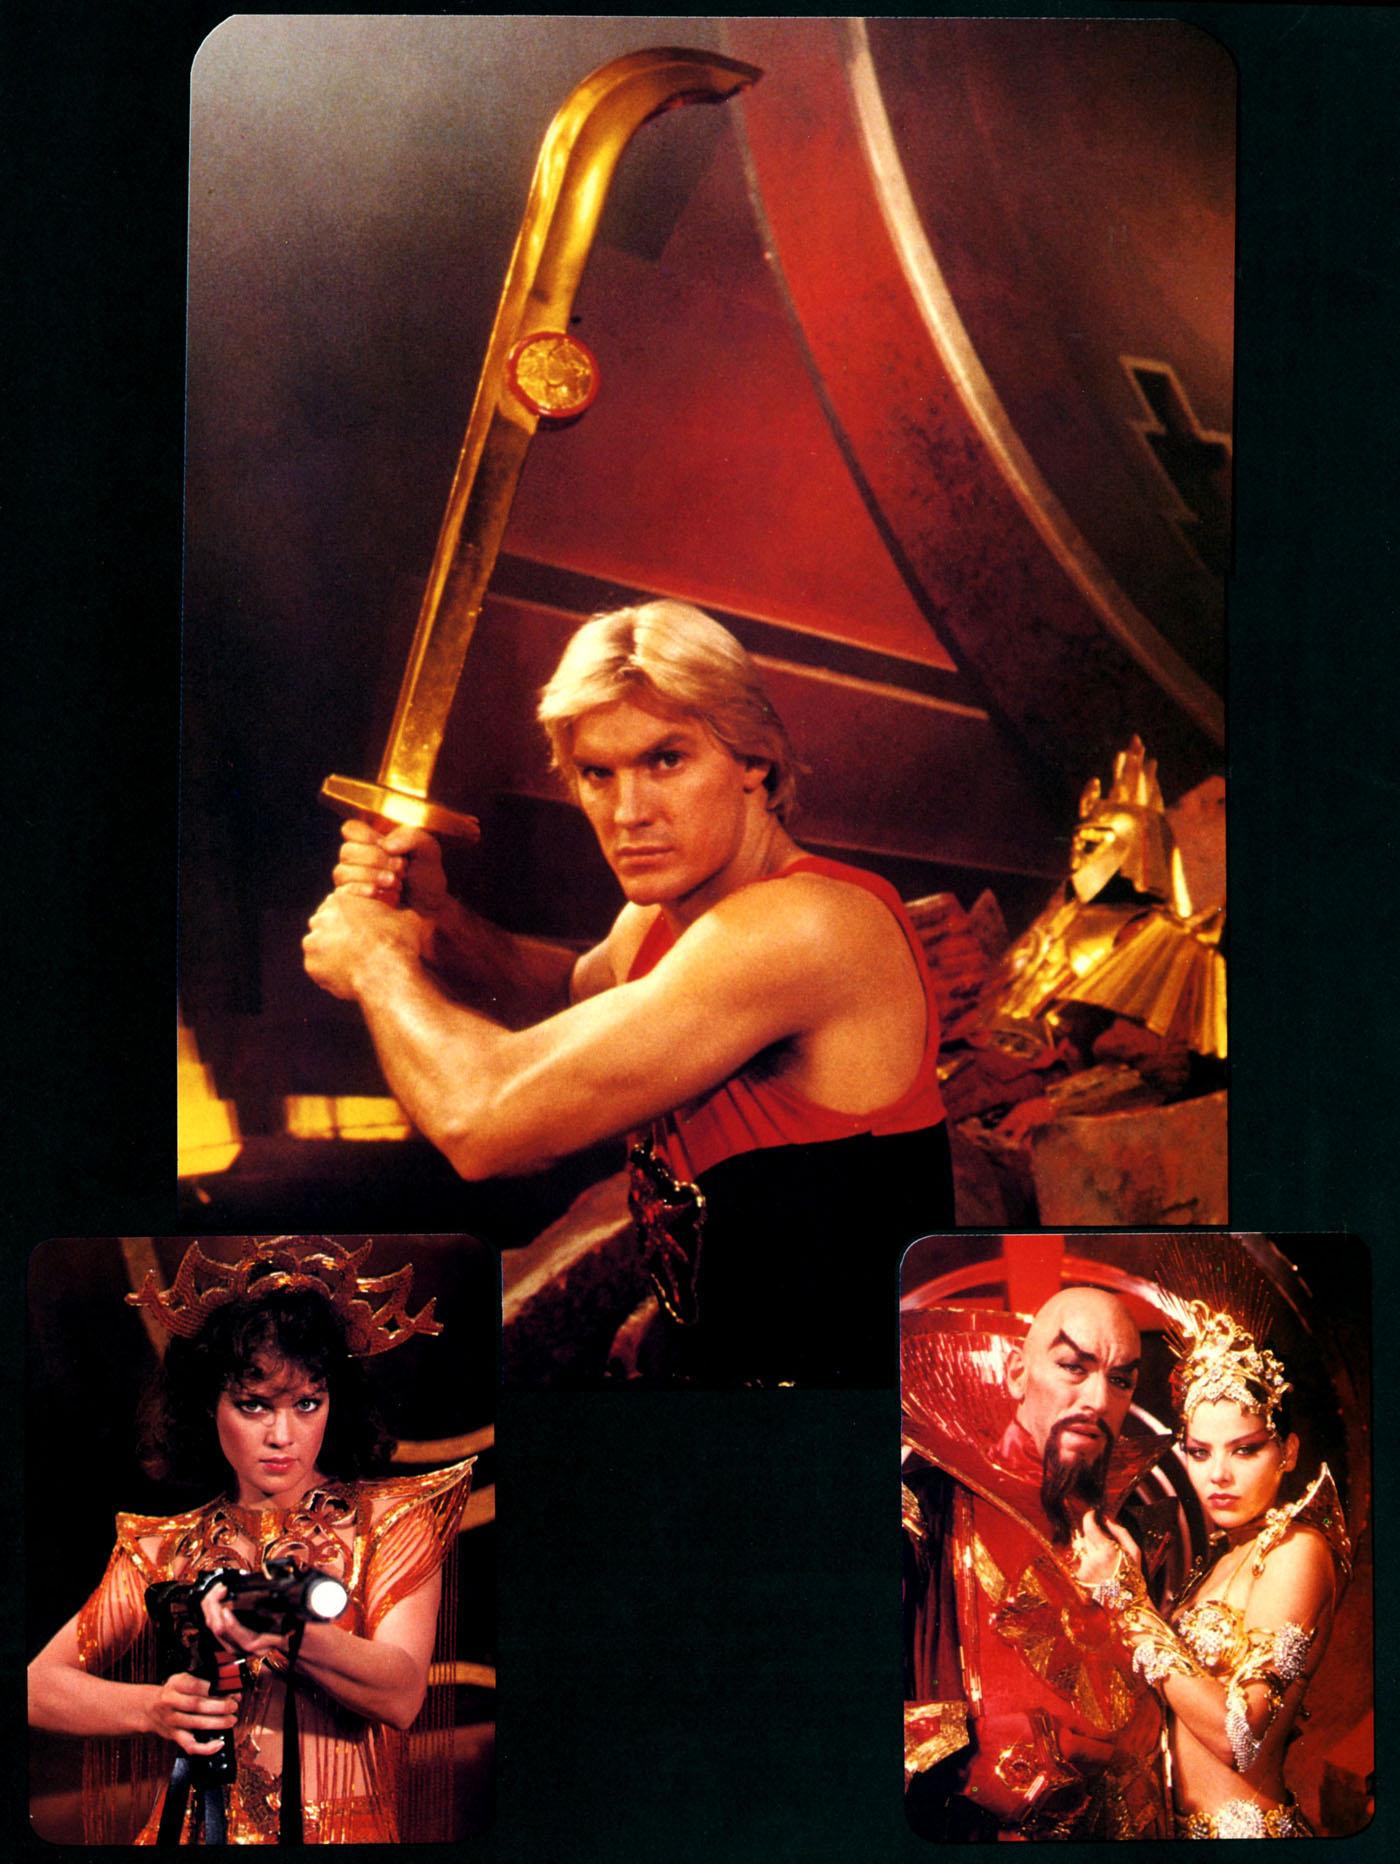 Melody Anderson, Ornella Muti, Max von Sydow, and Sam J. Jones in Flash Gordon (1980)